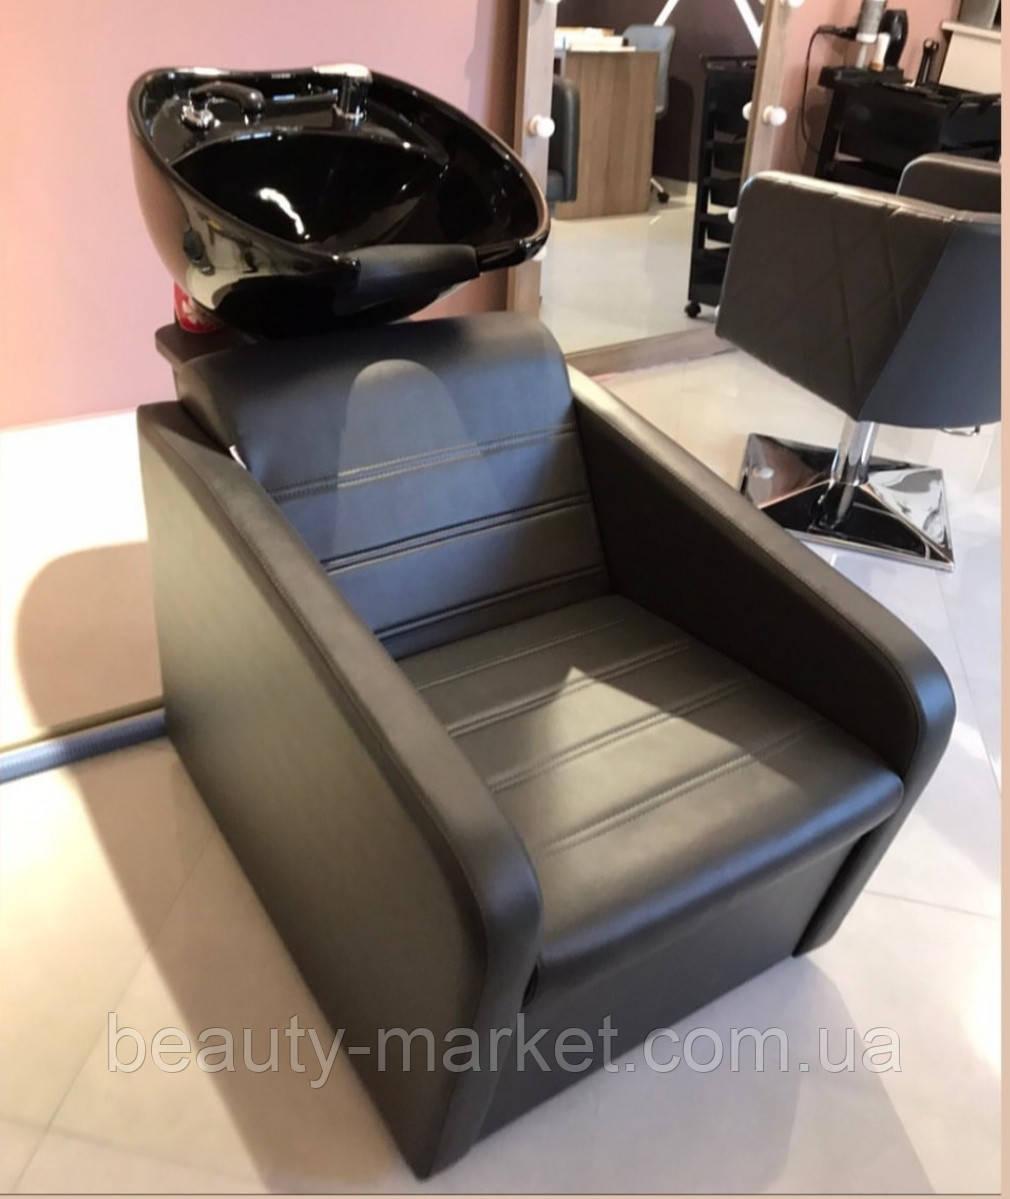 Парикмахерская мойка с креслом Marlen